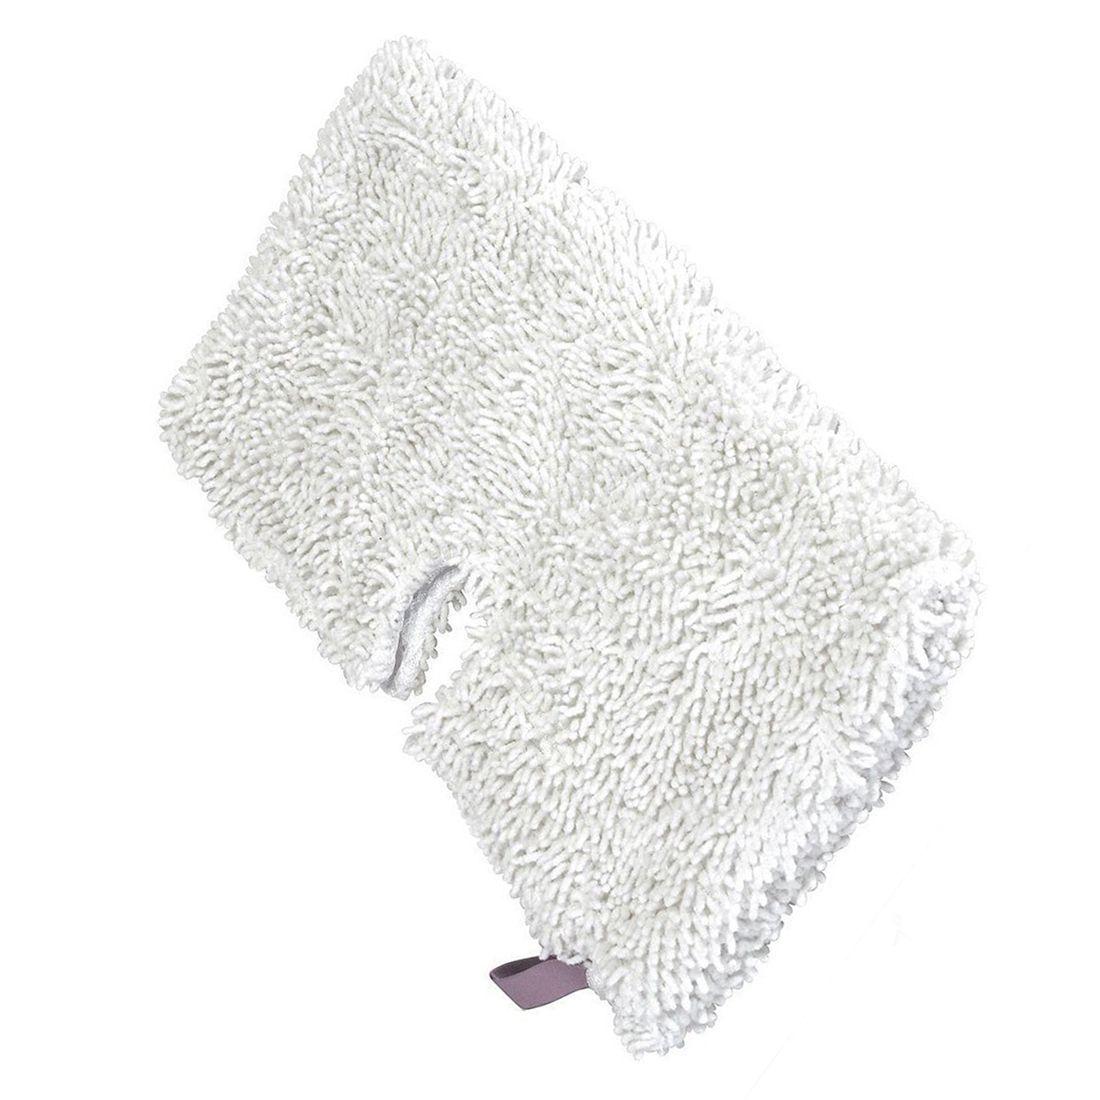 Ricambio di pastiglie in microfibra lavabile in pastiglie di ricambio in microfibra per frese a tasca Shark Steam serie S3500, S3501, S3601, S3550, S